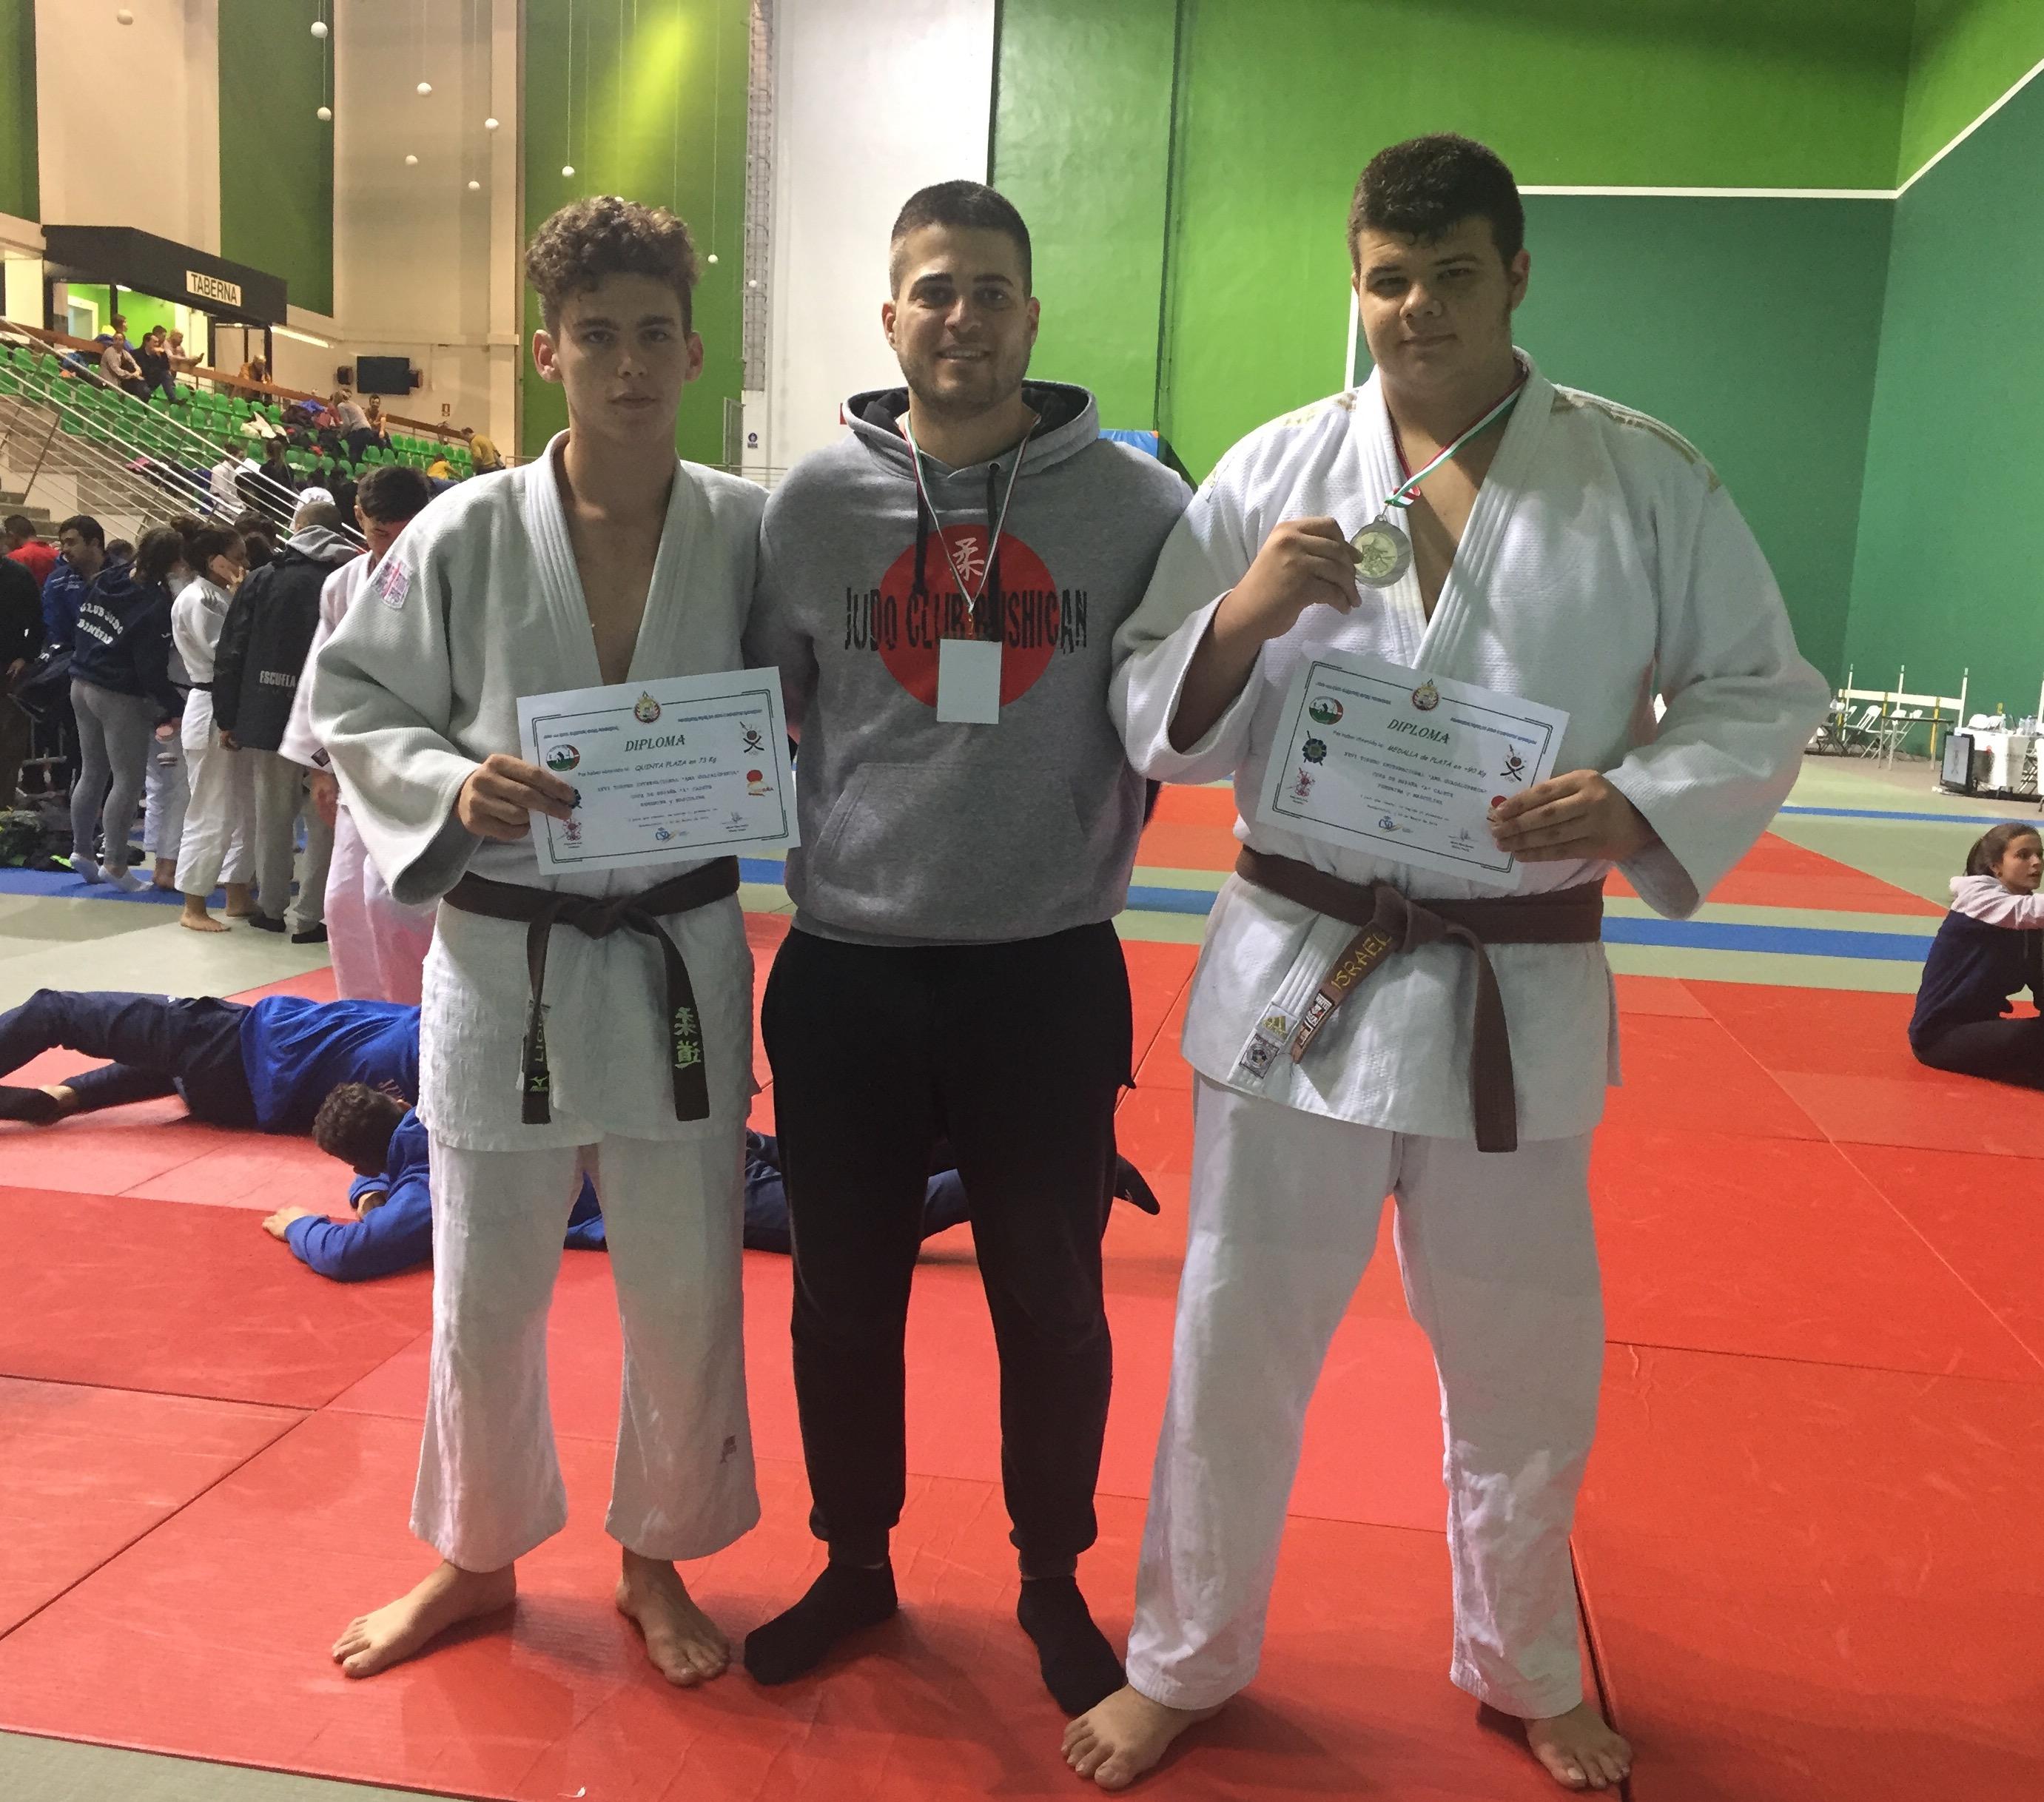 El Club de Judo Bushican continúa sumando éxitos al deporte tirajanero